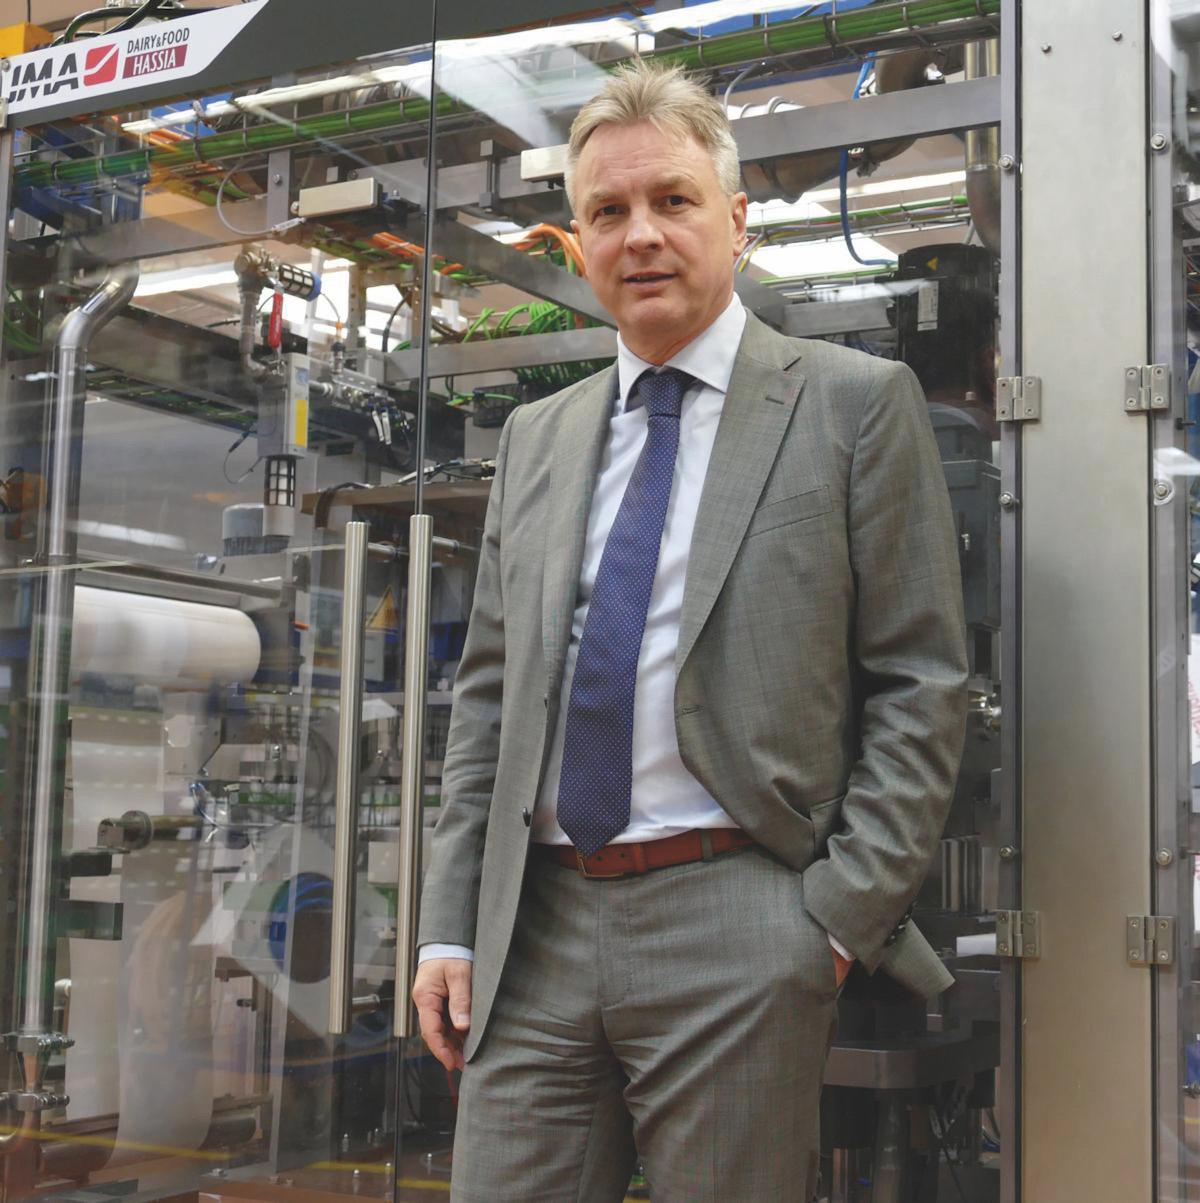 Laut dem CEO Thomas Becker haben die Unternehmen beim Absatz ihrer Produkte eine Menge Luft nach oben. (Bild: IMA Dairy & Food)